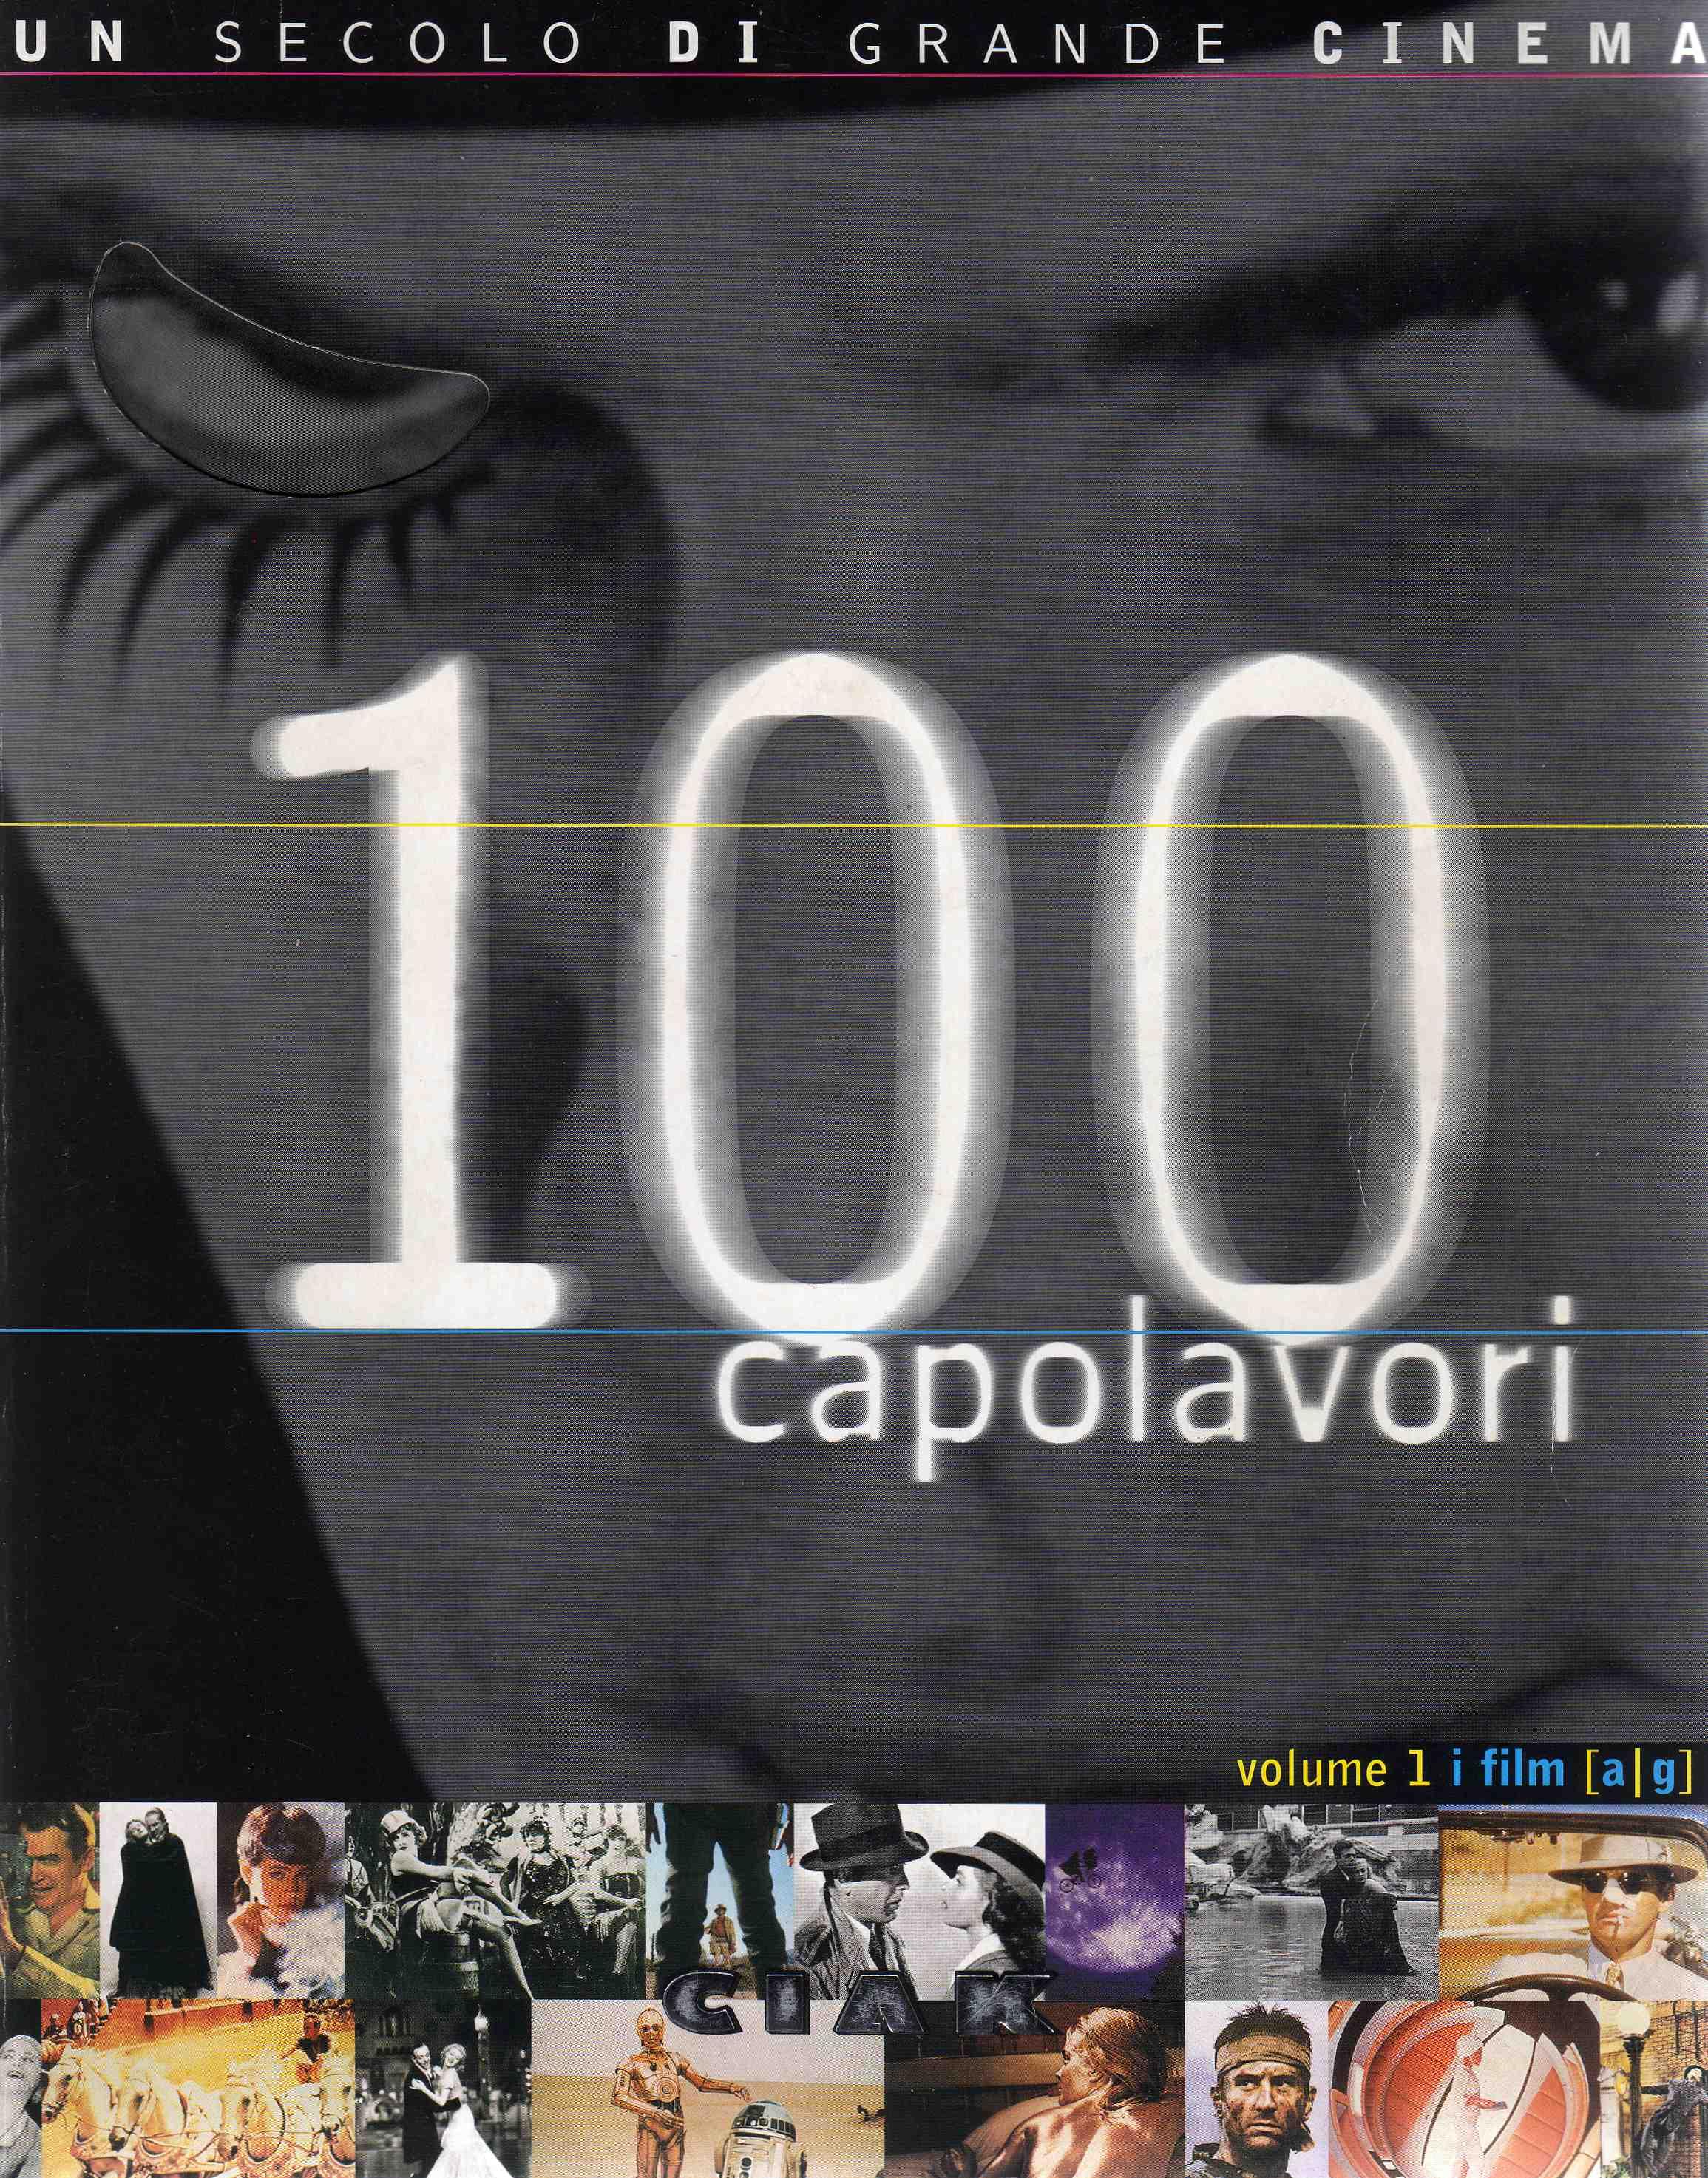 100 capolavori (vol. 1 A-G)